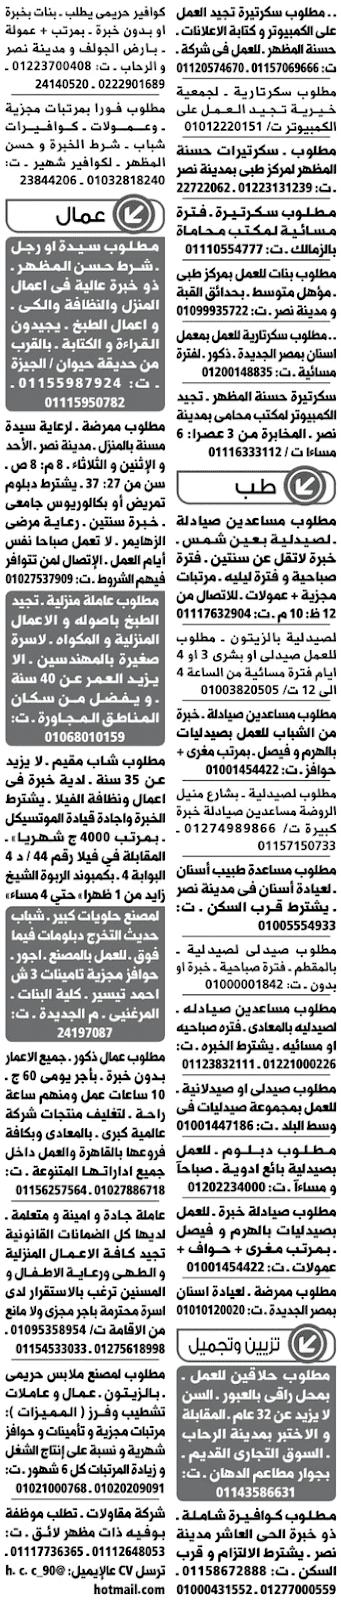 وظائف جريدة الاهرام و الوسيط اليوم عدد الجمعة 12 ابريل 12/4/2019 كل التخصصات والمؤهلات